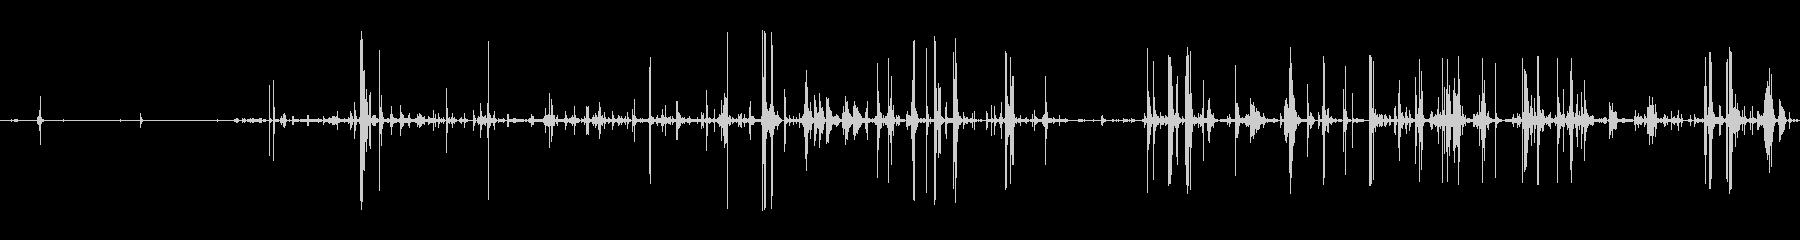 荷物移動ボックスラッチaの未再生の波形